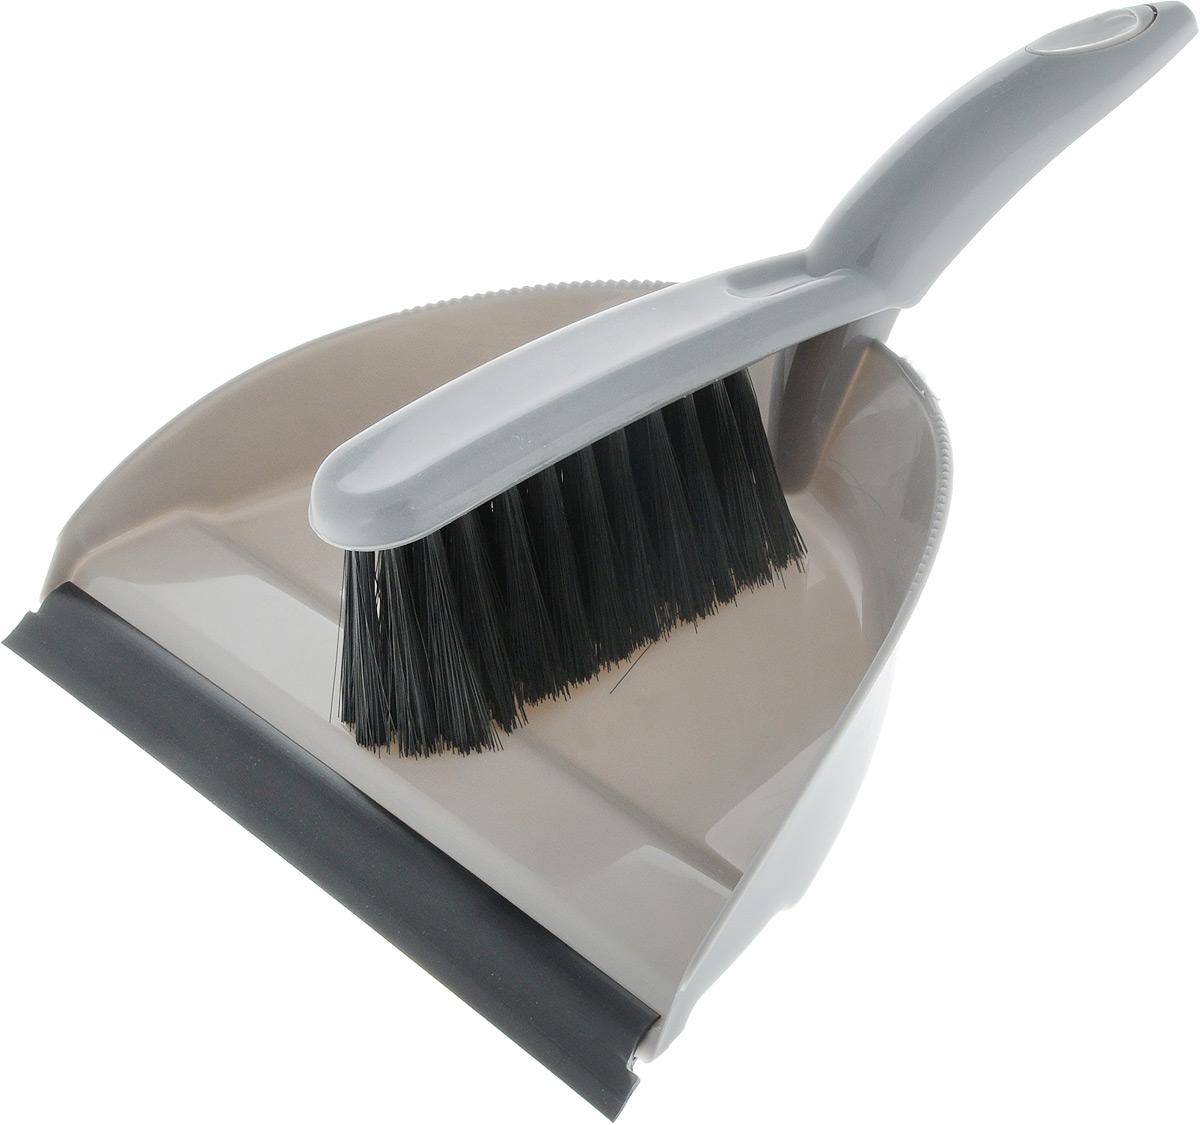 Набор для уборки Svip Клио, с кромкой, цвет: серый, 2 предметаSV3158СБНабор для уборки Svip Клио, состоит из щетки-сметки и совка, выполненных из полипропилена.Он станет незаменимым помощником в деле удаления пыли и мусора с различных поверхностей.Ворс щетки достаточно длинный, что позволяет собирать даже крупный мусор.Края совка оснащены зубчиками для чистки щетки после ее использования. Совок имеет резиновую кромку,благодаря которой удобнее собирать мусор. Ручка совка позволяет прикреплять его к рукоятке щетки. На рукояти изделий имеется специальное отверстие для подвешивания. Длина щетки-сметки: 26 см. Длина ворса: 5 см. Размер рабочей поверхности совка: 15 х 24 см.Размер совка (с учетом ручки): 30,2 х 24 х 5 см.